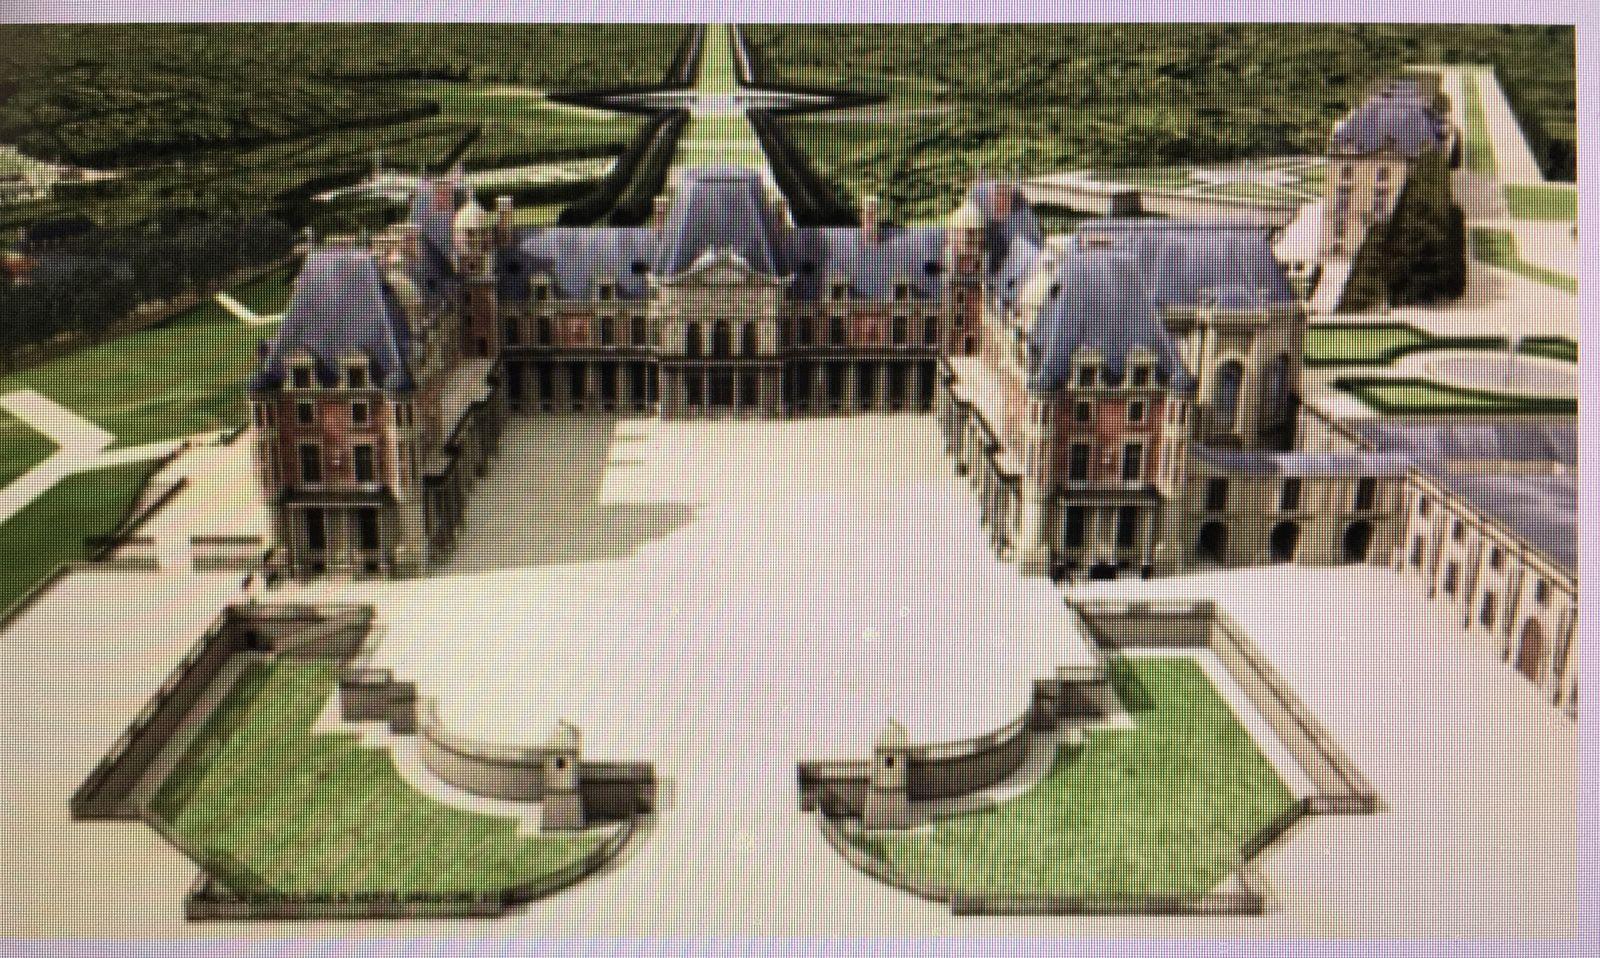 Les deux châteaux de Meudon avec la Grande Perspective vers 1715. En 1695, Louis XIV acheta Meudon pour son fils aîné, le Grand Dauphin. Le Château-Vieux (au centre) est prend feu en 1795 et démoli en 1803 par ordre de Bonaparte. Le Château-Neuf (à droite) est bâti à partir de 1706 et incendié en 1871. De 1880 à 1885, le grand astronome Janssen le coiffe d'une coupole… Il devient l'Observatoire de Meudon. [Restitution virtuelle de Franck Devedjian et Hervé Grégoire, 2012]